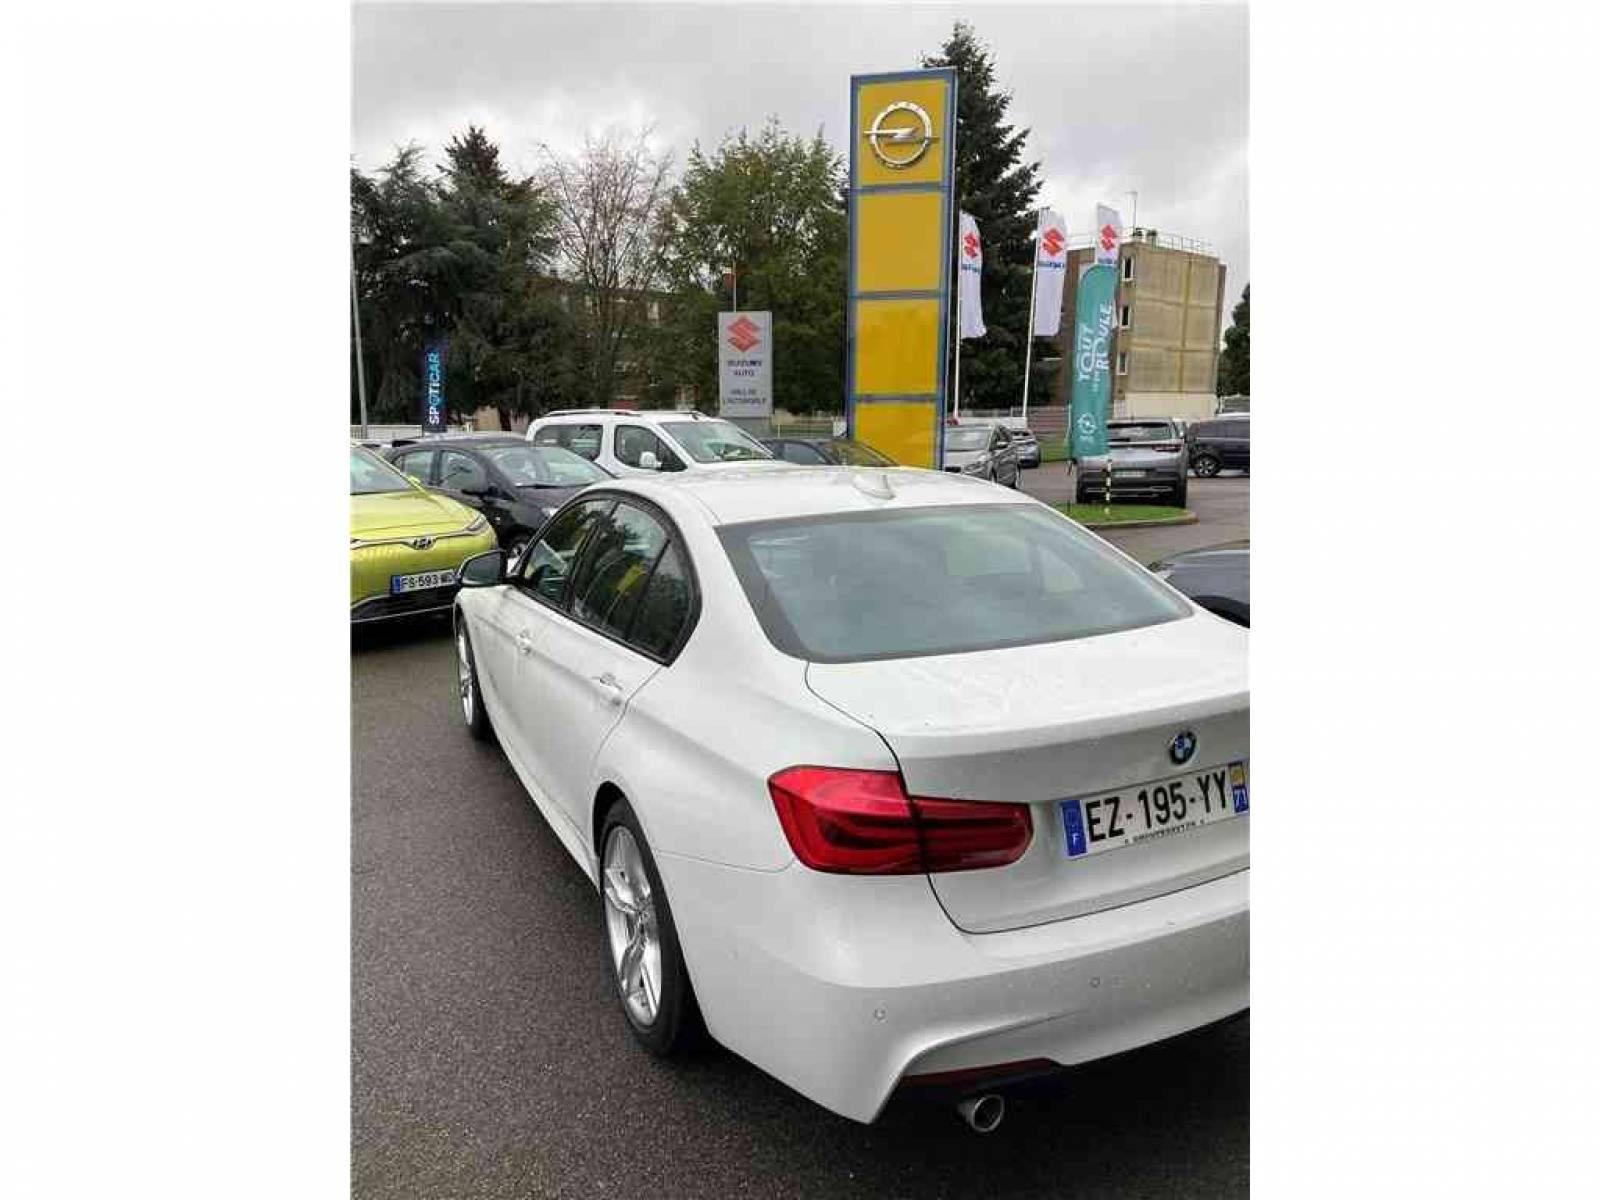 BMW 318d 150 ch BVA8 - véhicule d'occasion - Groupe Guillet - Chalon Automobiles - 71100 - Chalon-sur-Saône - 5